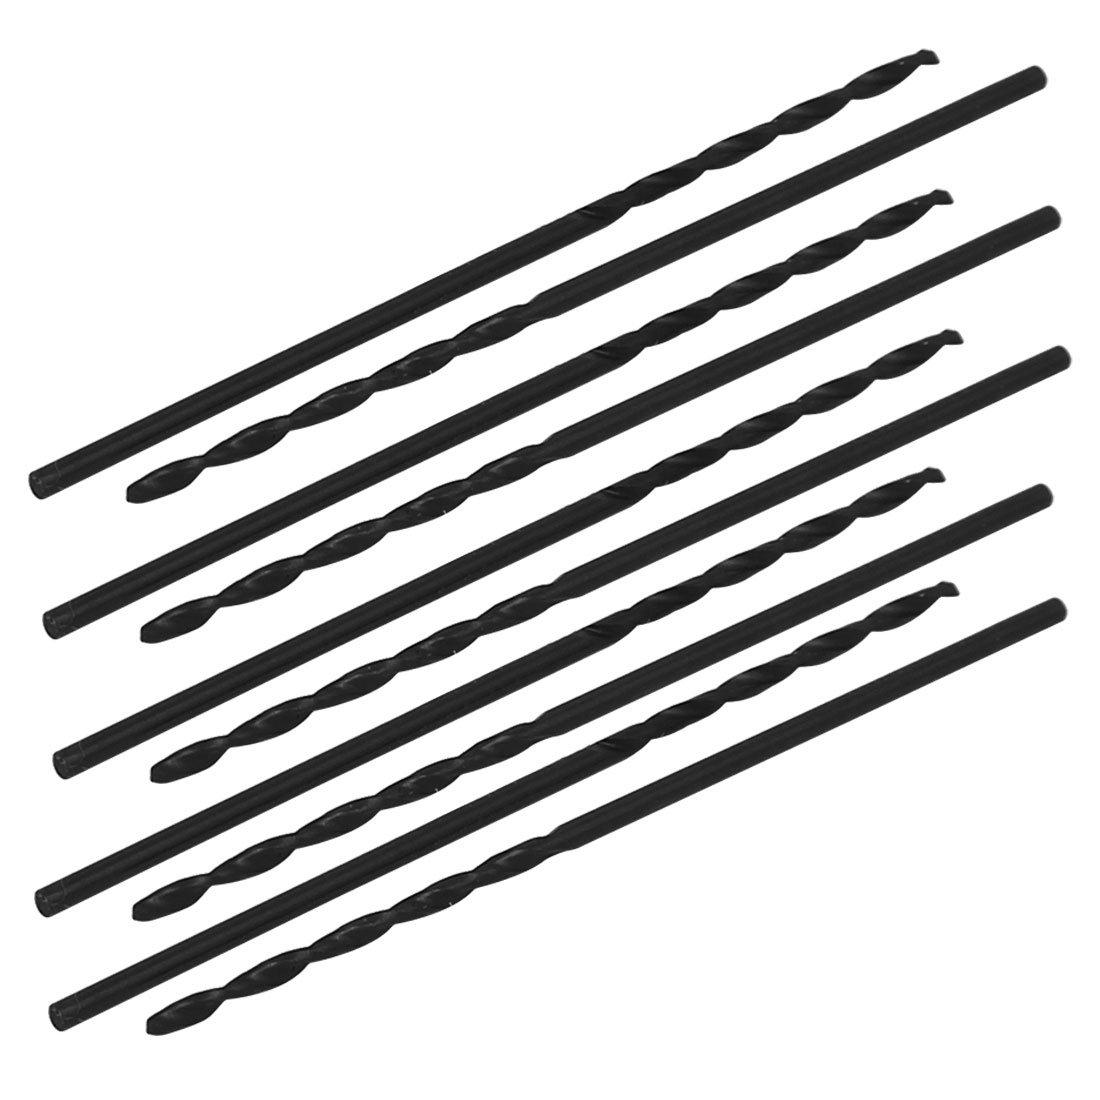 sourcingmap 10x 1, 6mm Dmr 48mm lang HSS Bohrer Metallbohrer Gerader Schaft Spiralbohrer DE a17030400ux0328